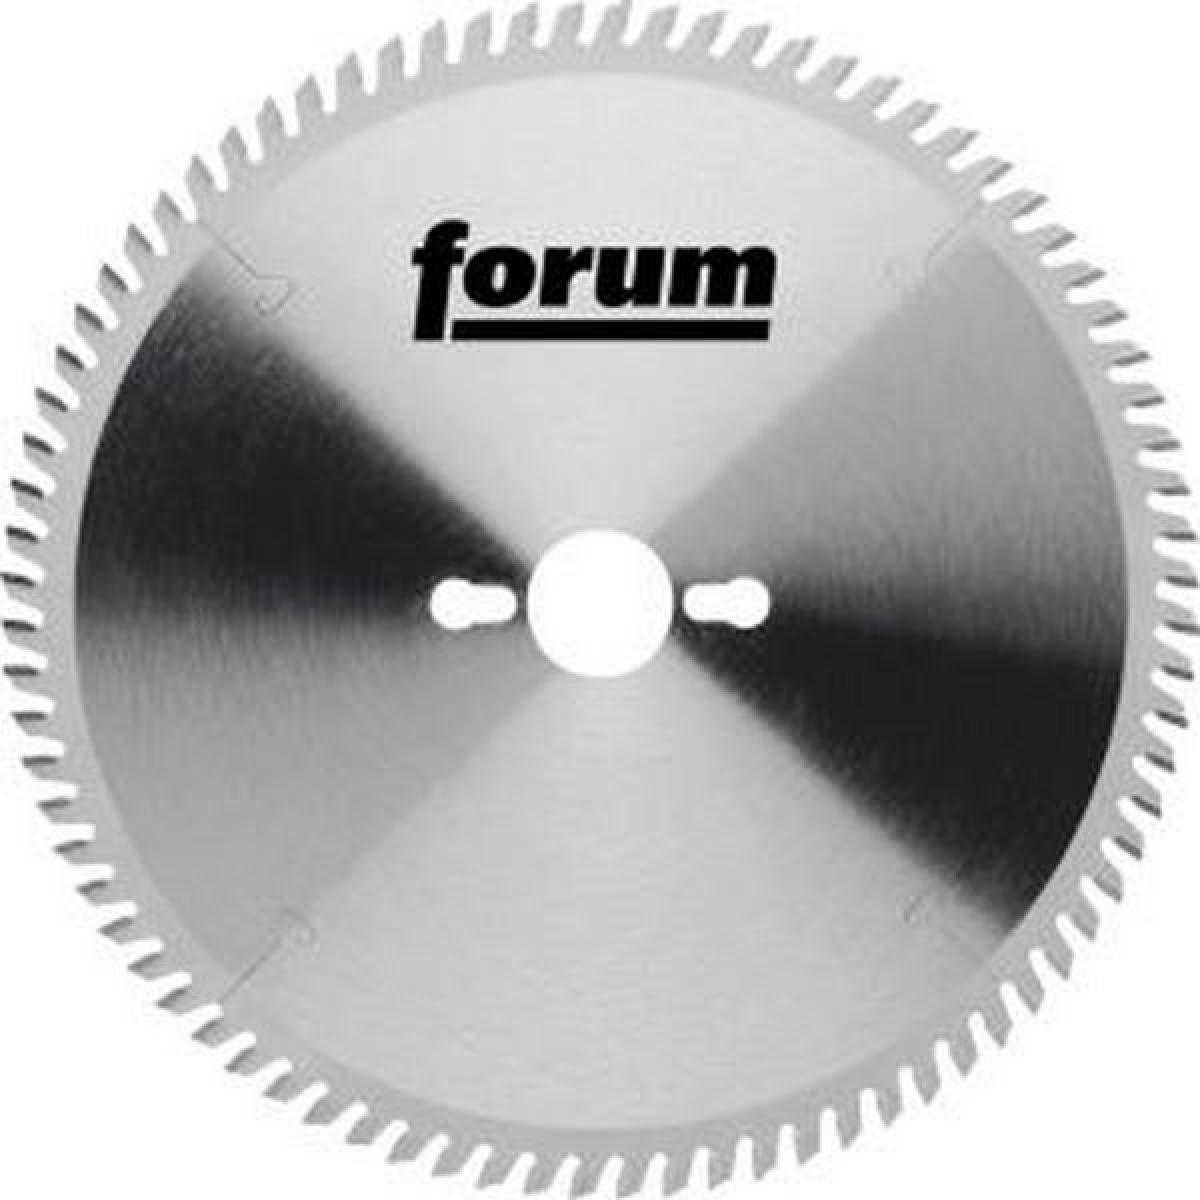 Forum Lame de scie circulaire, Ø : 315 mm, Larg. : 3,2 mm, Alésage 30 mm, Perçages secondaires : 2KNL*, Dents : 20